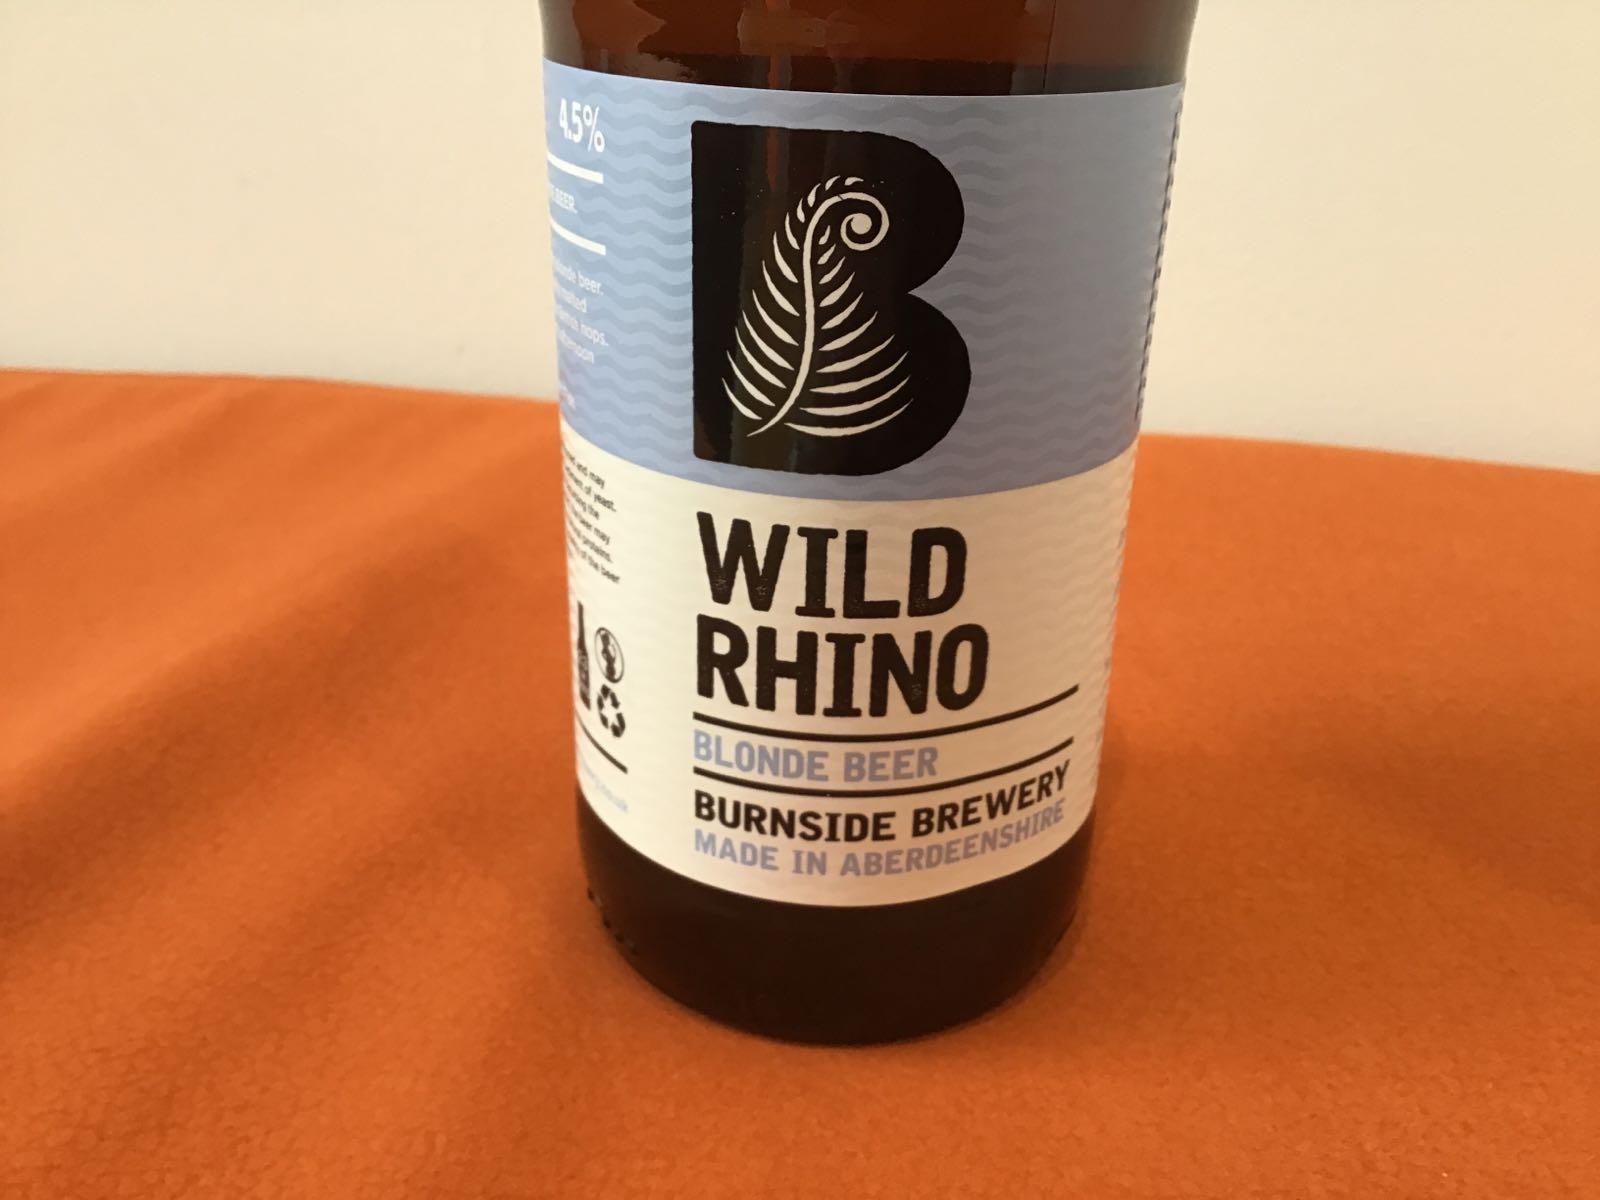 Burnside Brewery: Wild Rhino Blonde Beer